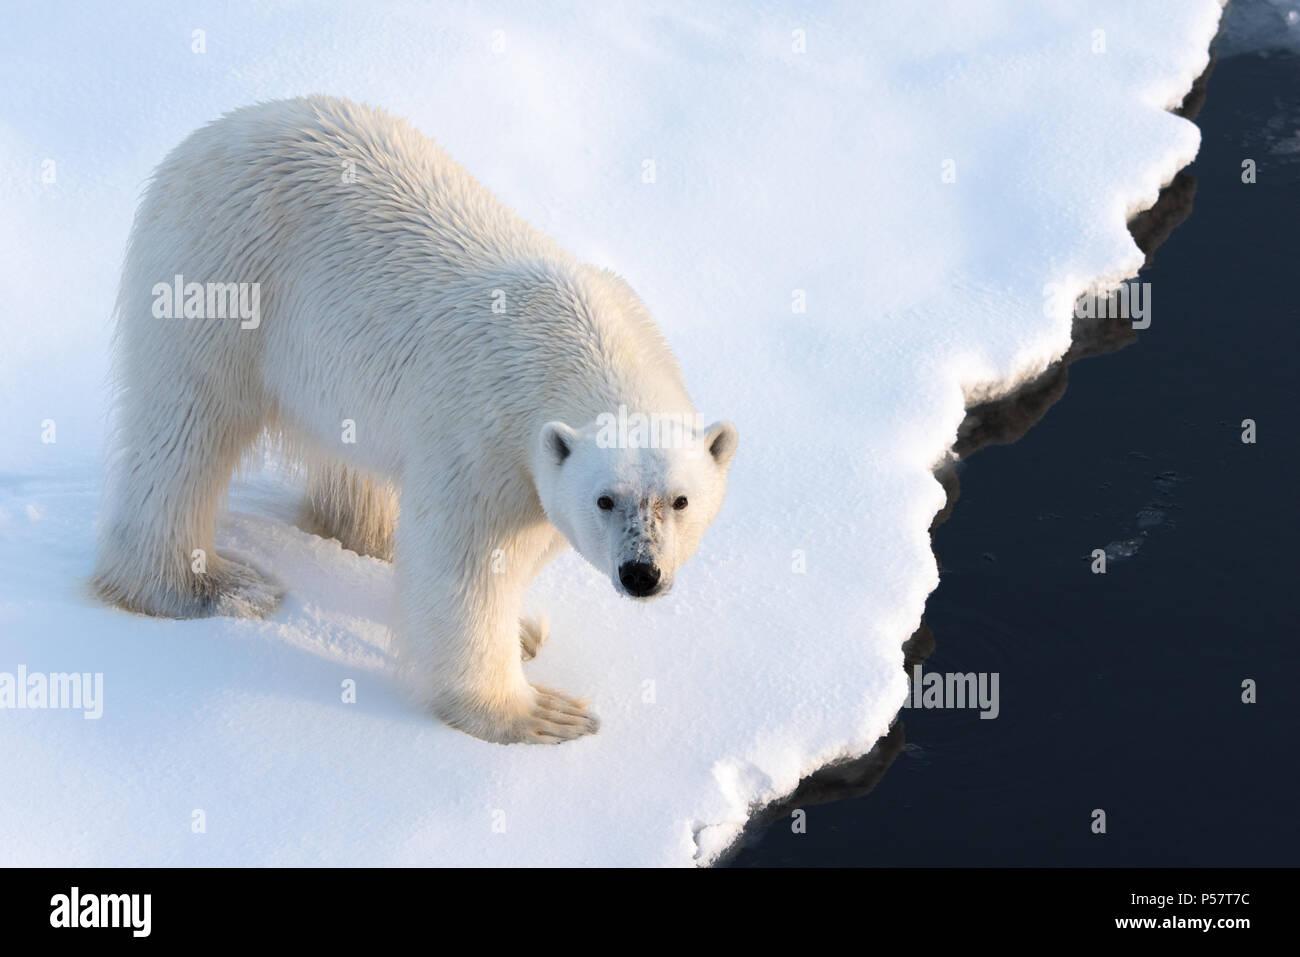 Close up Polar Bear looking at camera Photo Stock